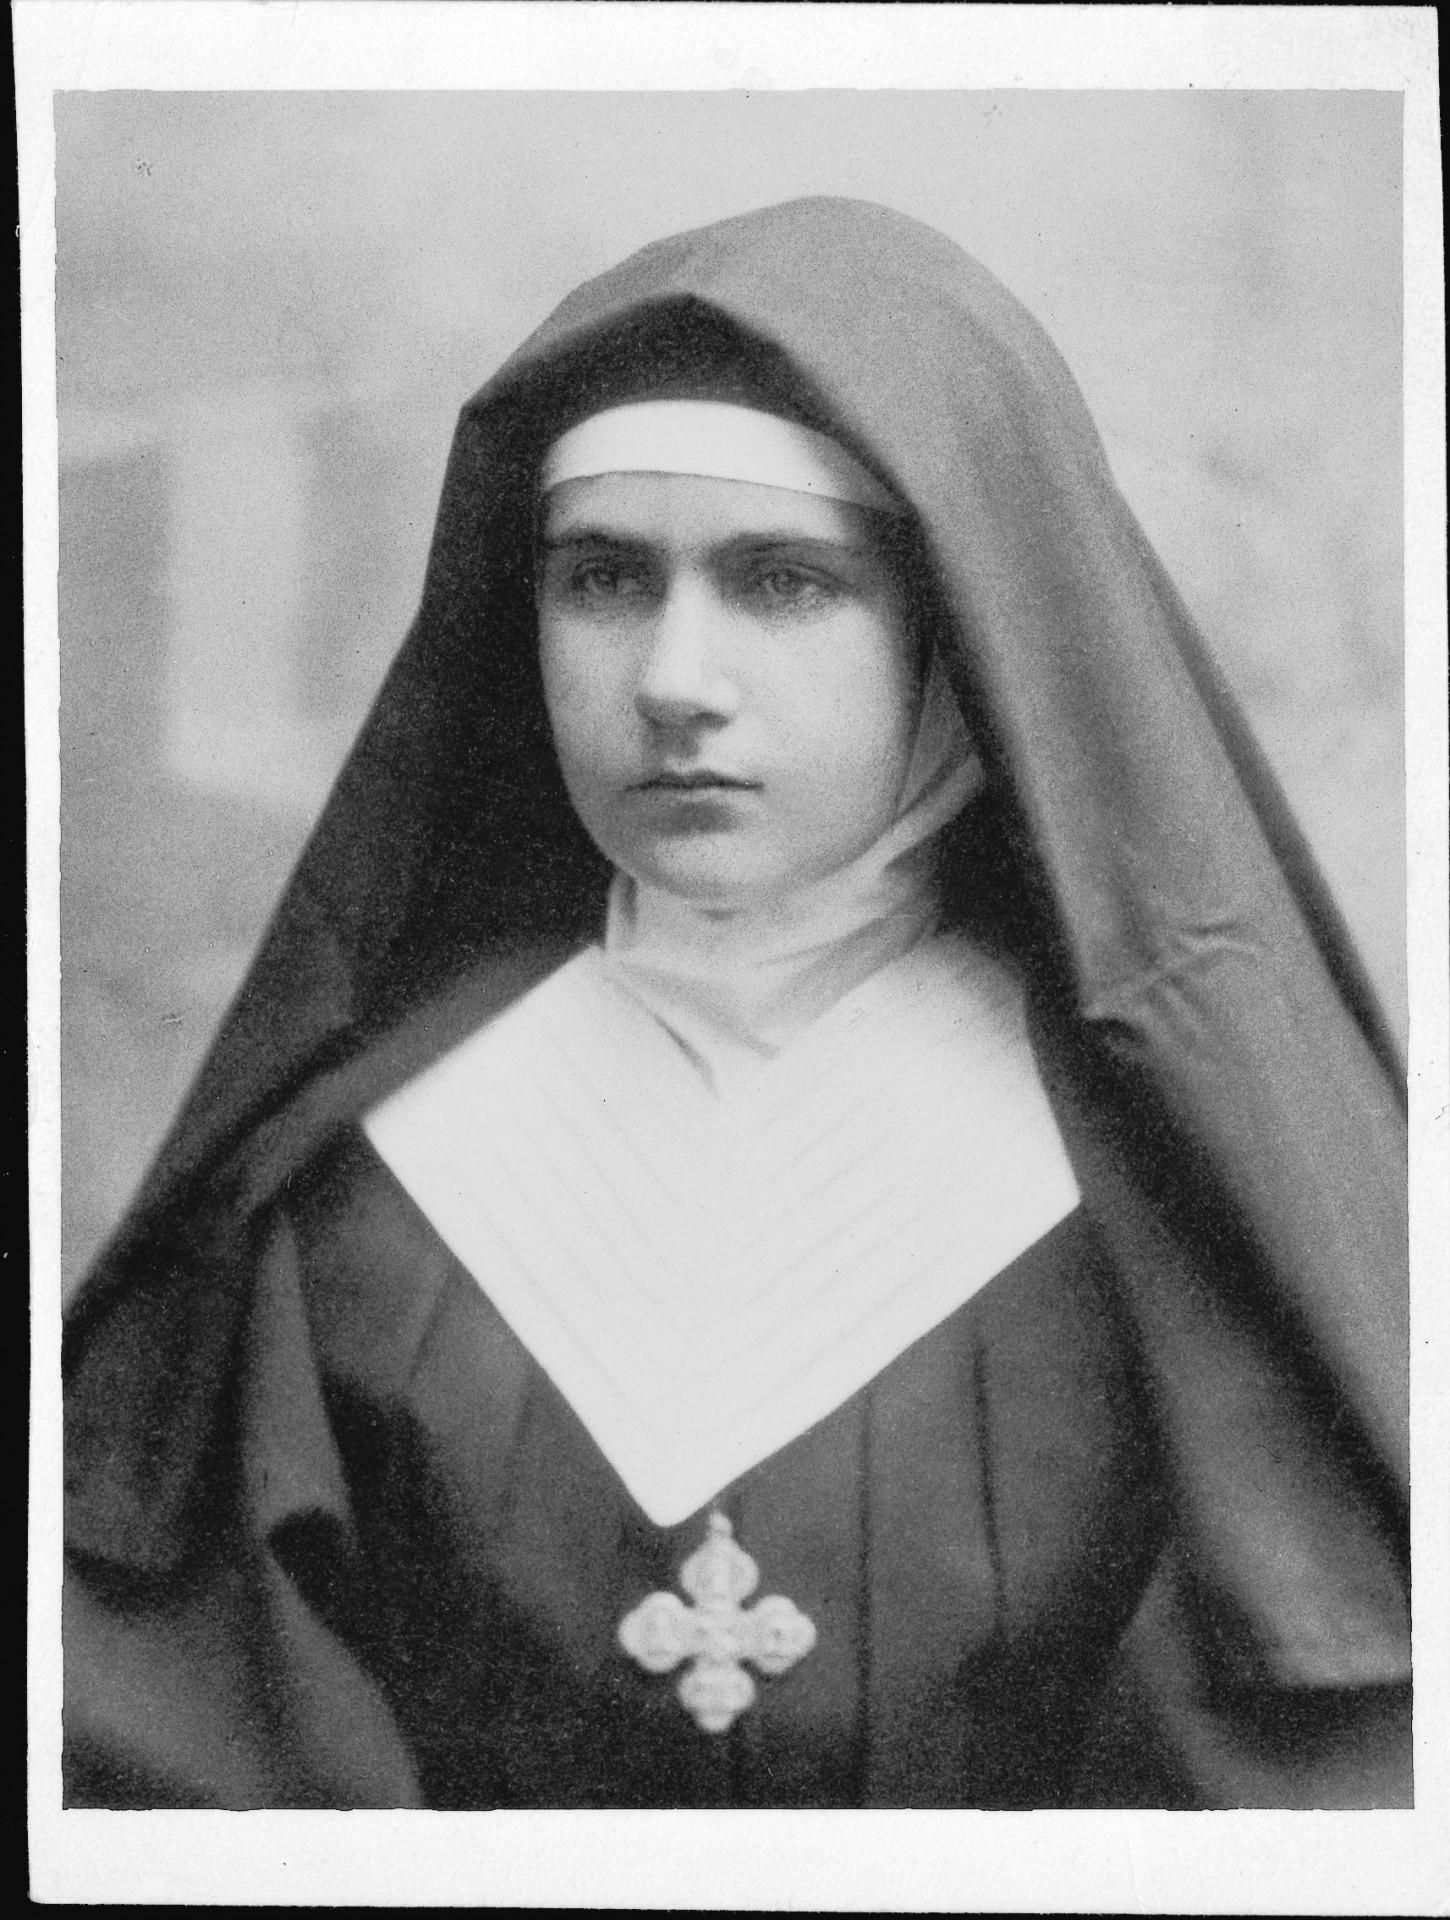 Siostra Alicja Kotowska. Źródło: Archiwum Prowincjalnego Zgromadzenia Sióstr Zmartwychwstania Pańskiego w Poznaniu